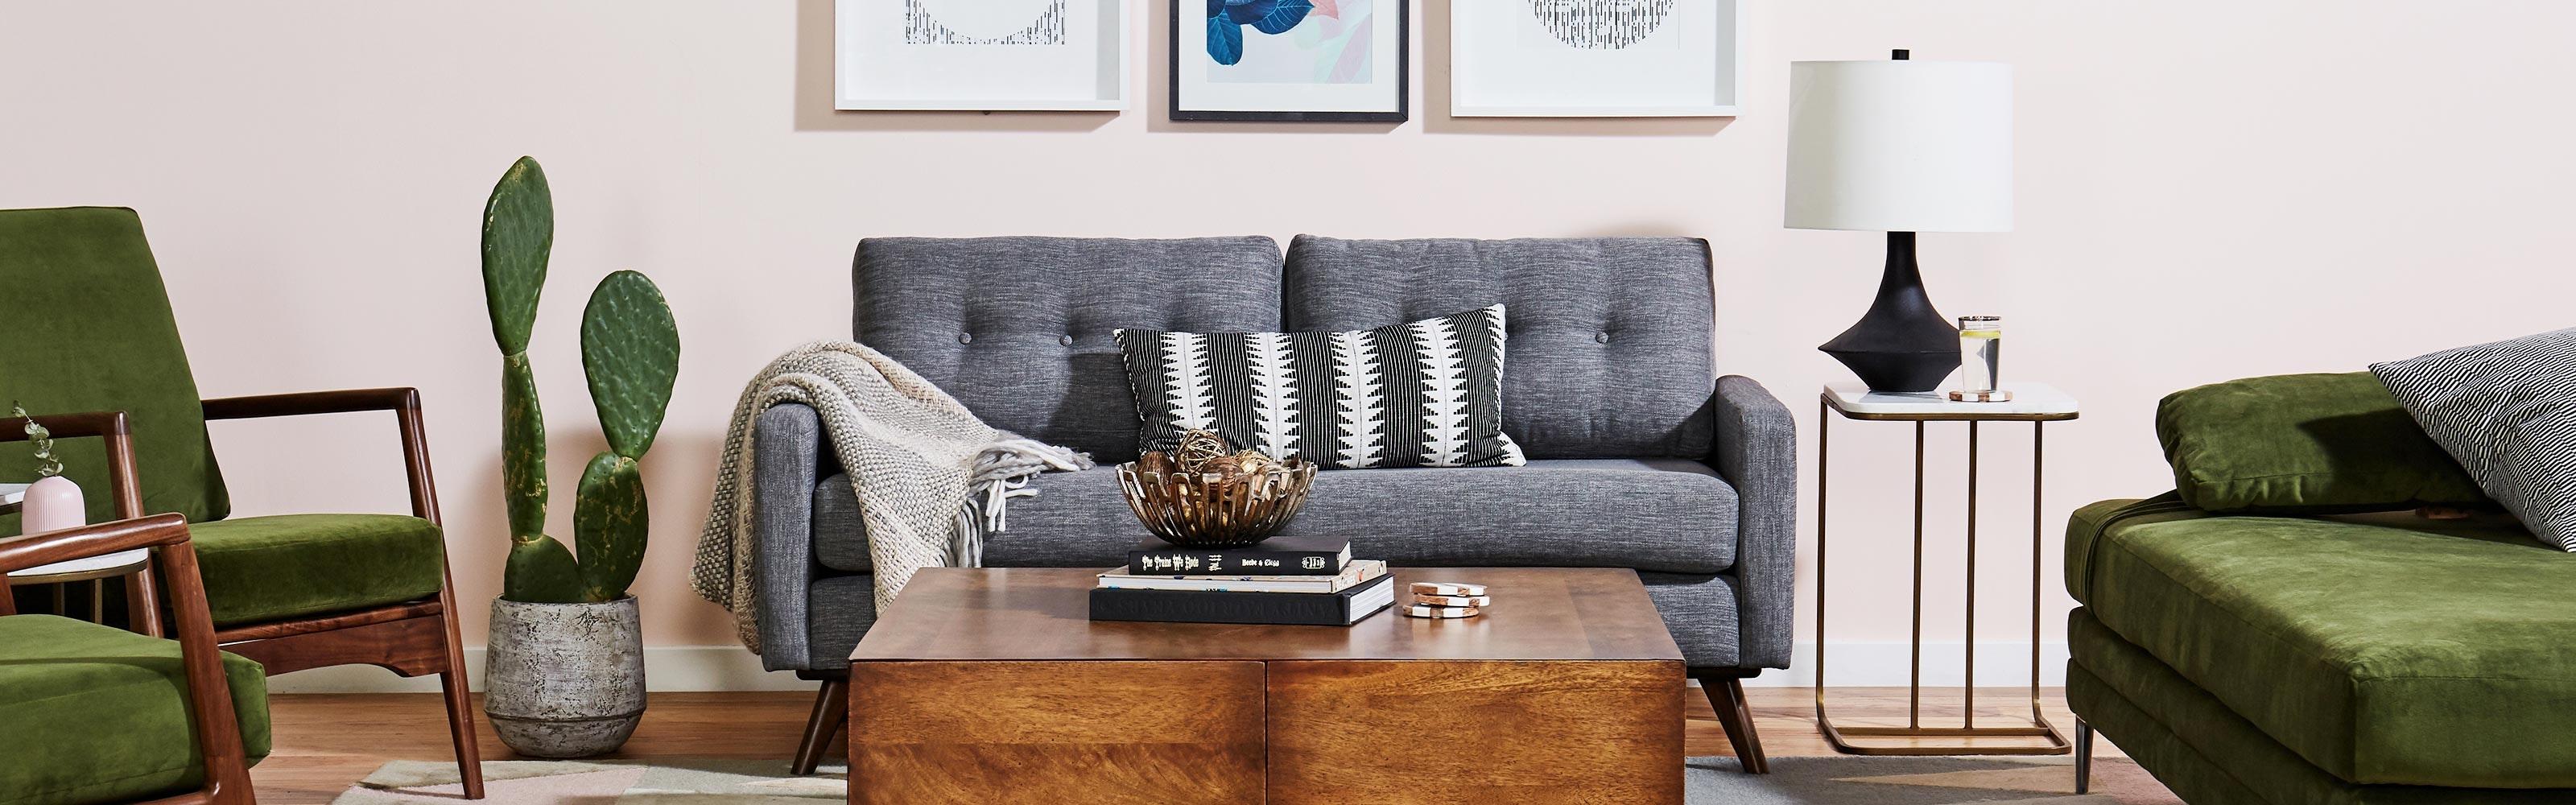 Apartment Sofas - Apartment Size Couches | Joybird